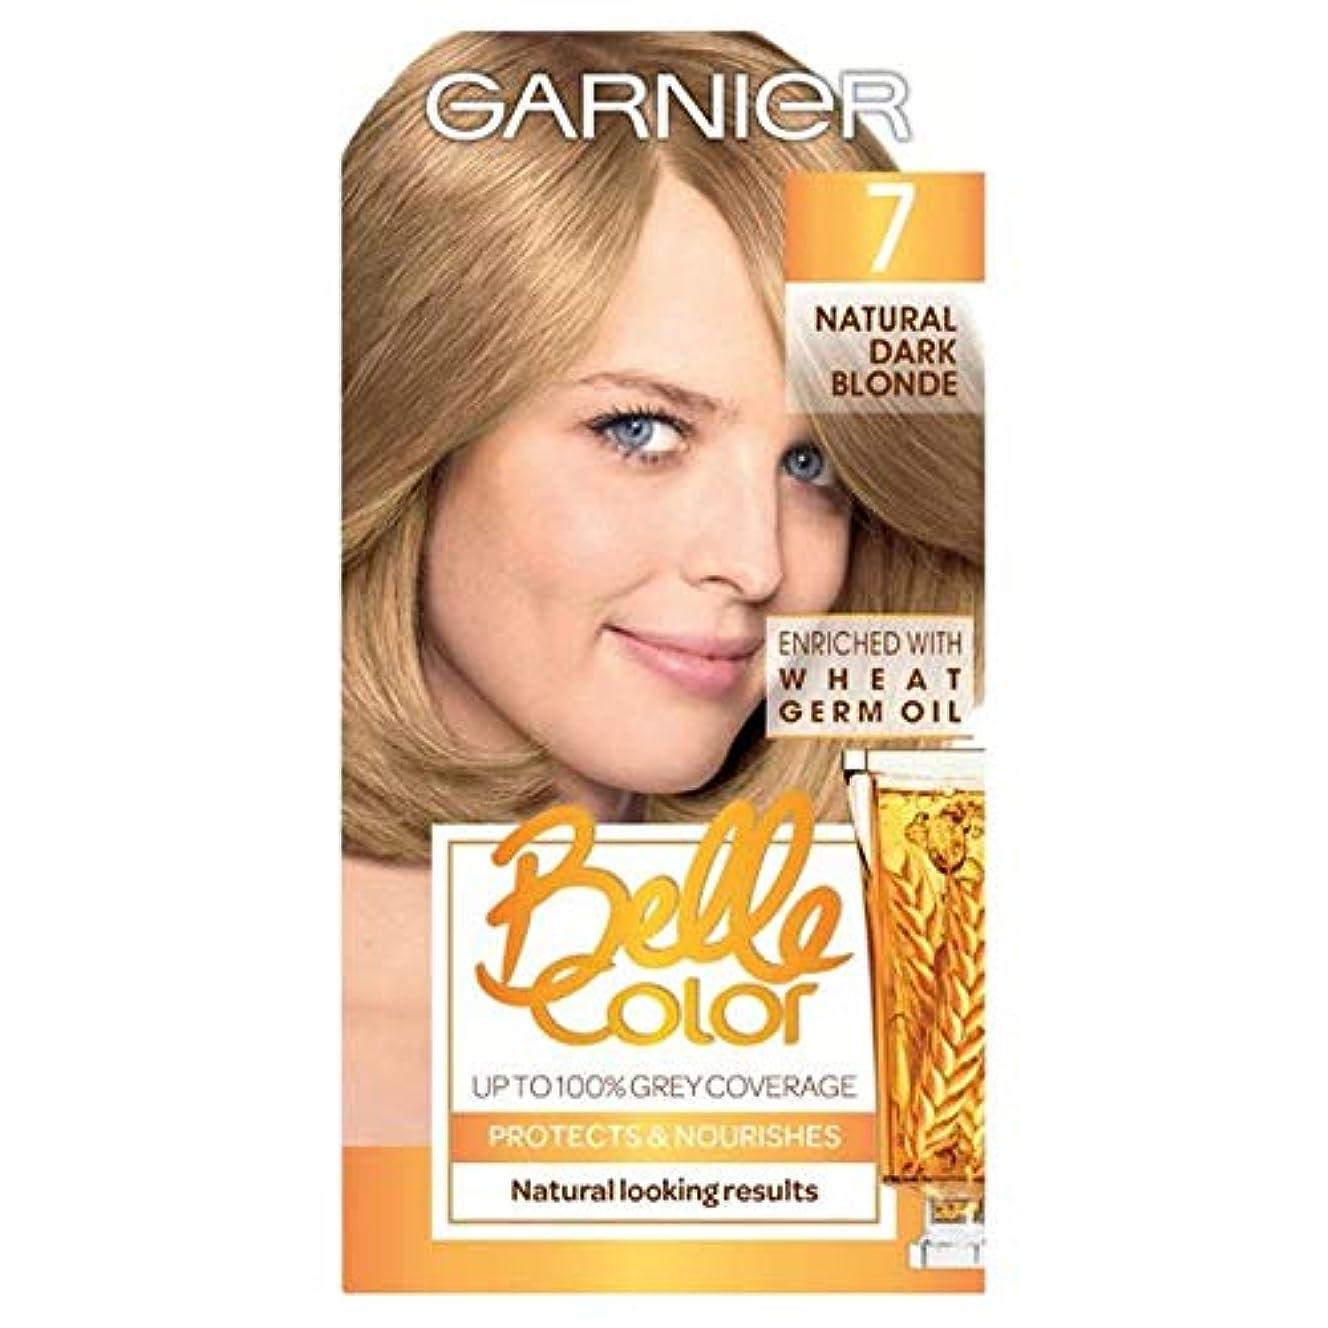 博物館ナット額[Belle Color ] ガーン/ベル/Clr 7ナチュラルダークブロンドパーマネントヘアダイ - Garn/Bel/Clr 7 Natural Dark Blonde Permanent Hair Dye [並行輸入品]